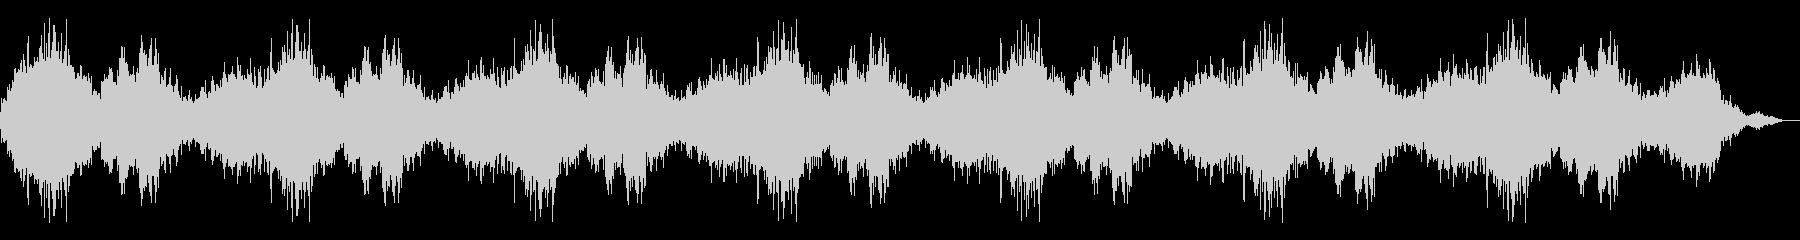 【ダークアンビエント】 嫌な予感の未再生の波形